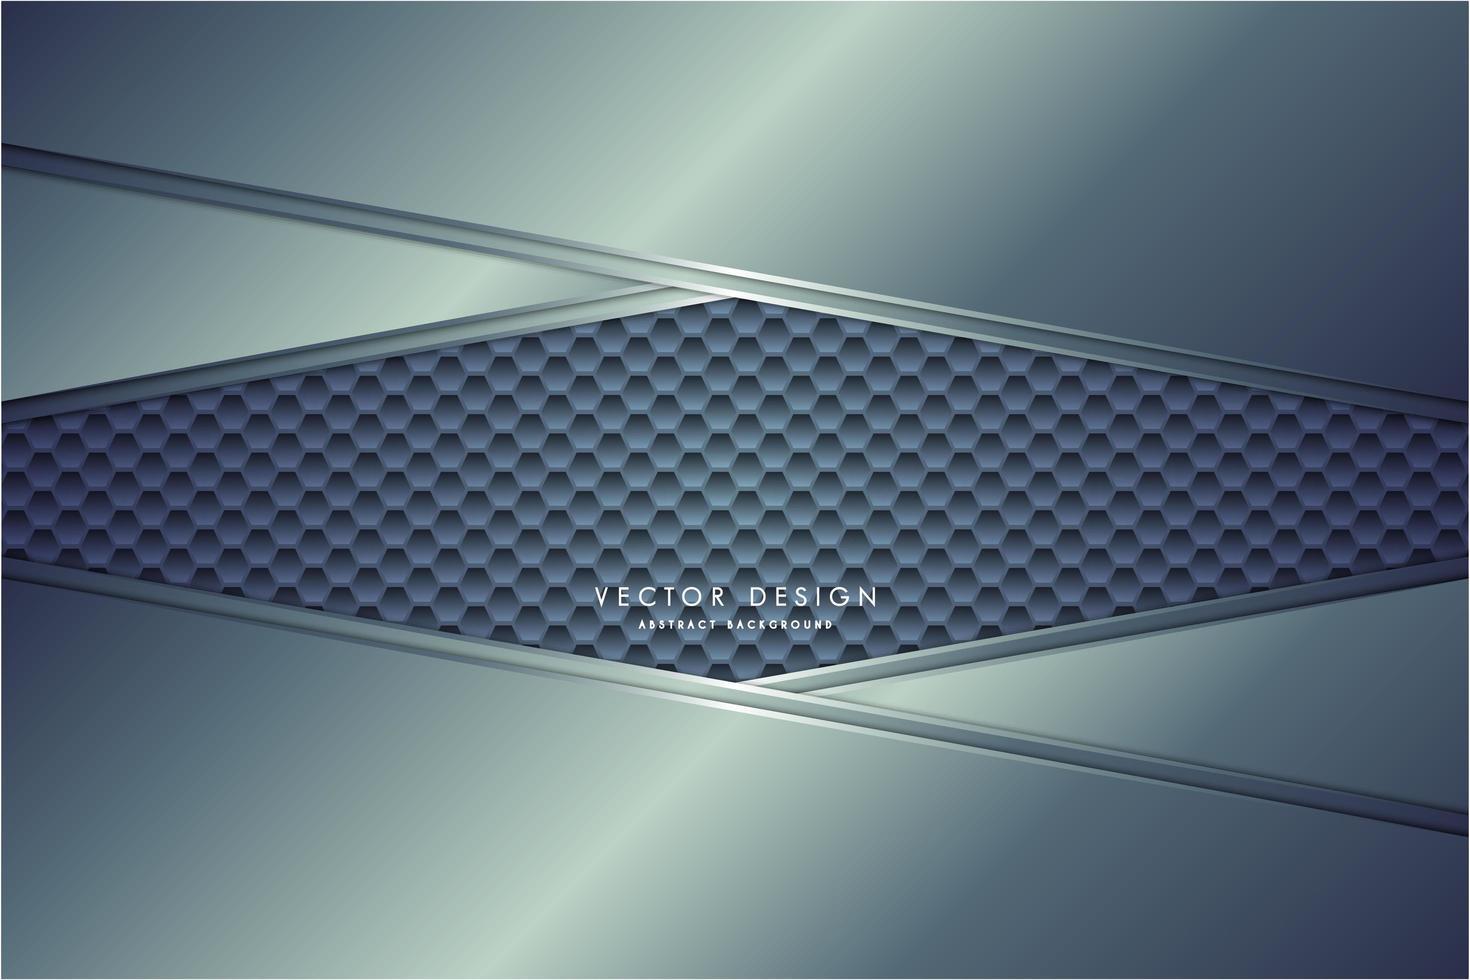 metallisch blau abgewinkelte Paneele über Sechseck Textur vektor